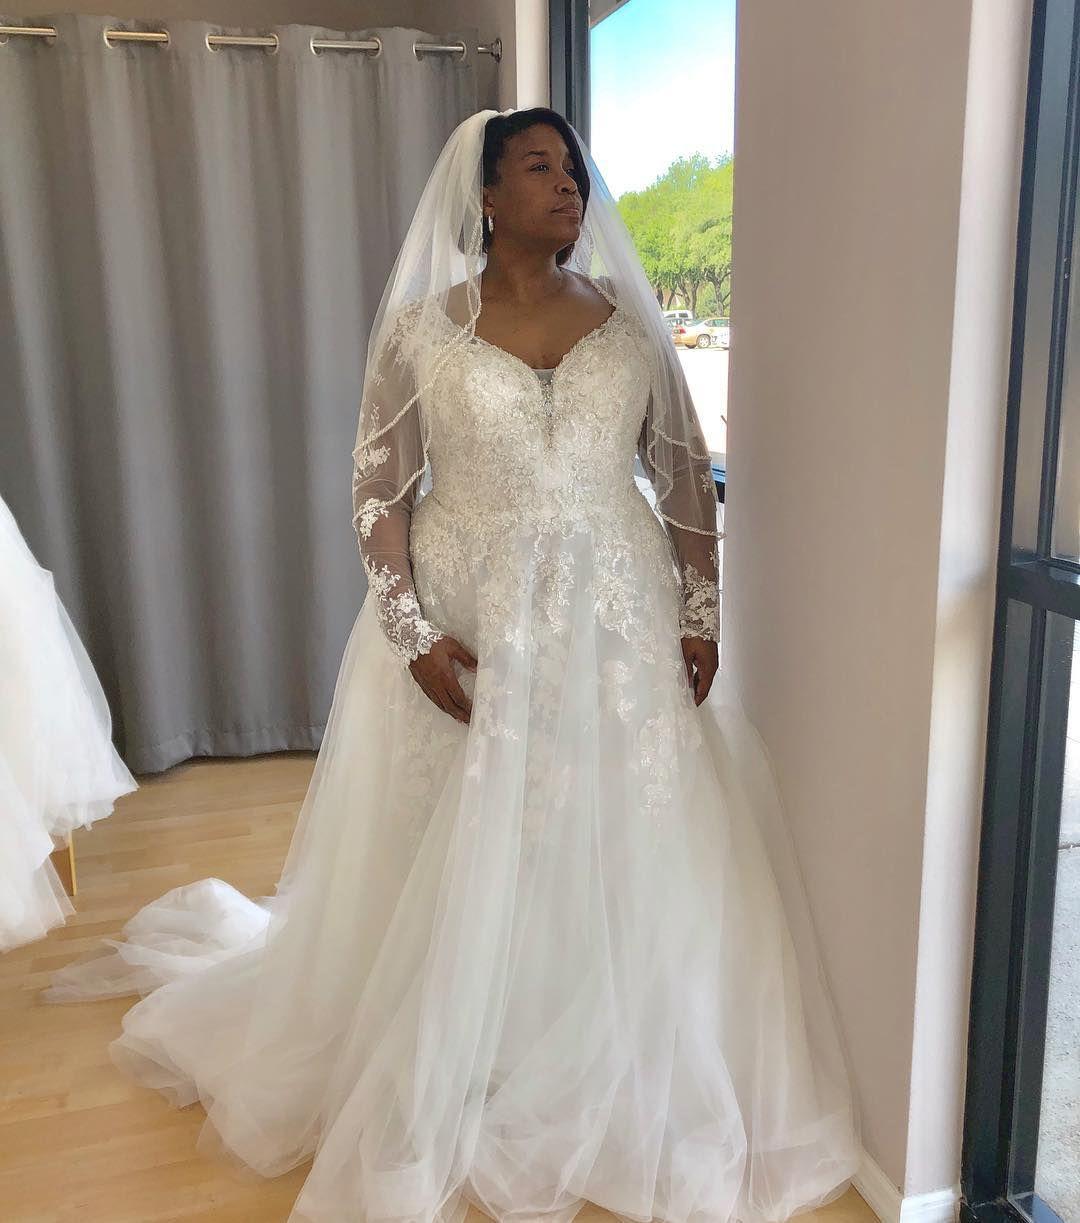 Unique plus size wedding dresses for the curvy bride   Plus size ...